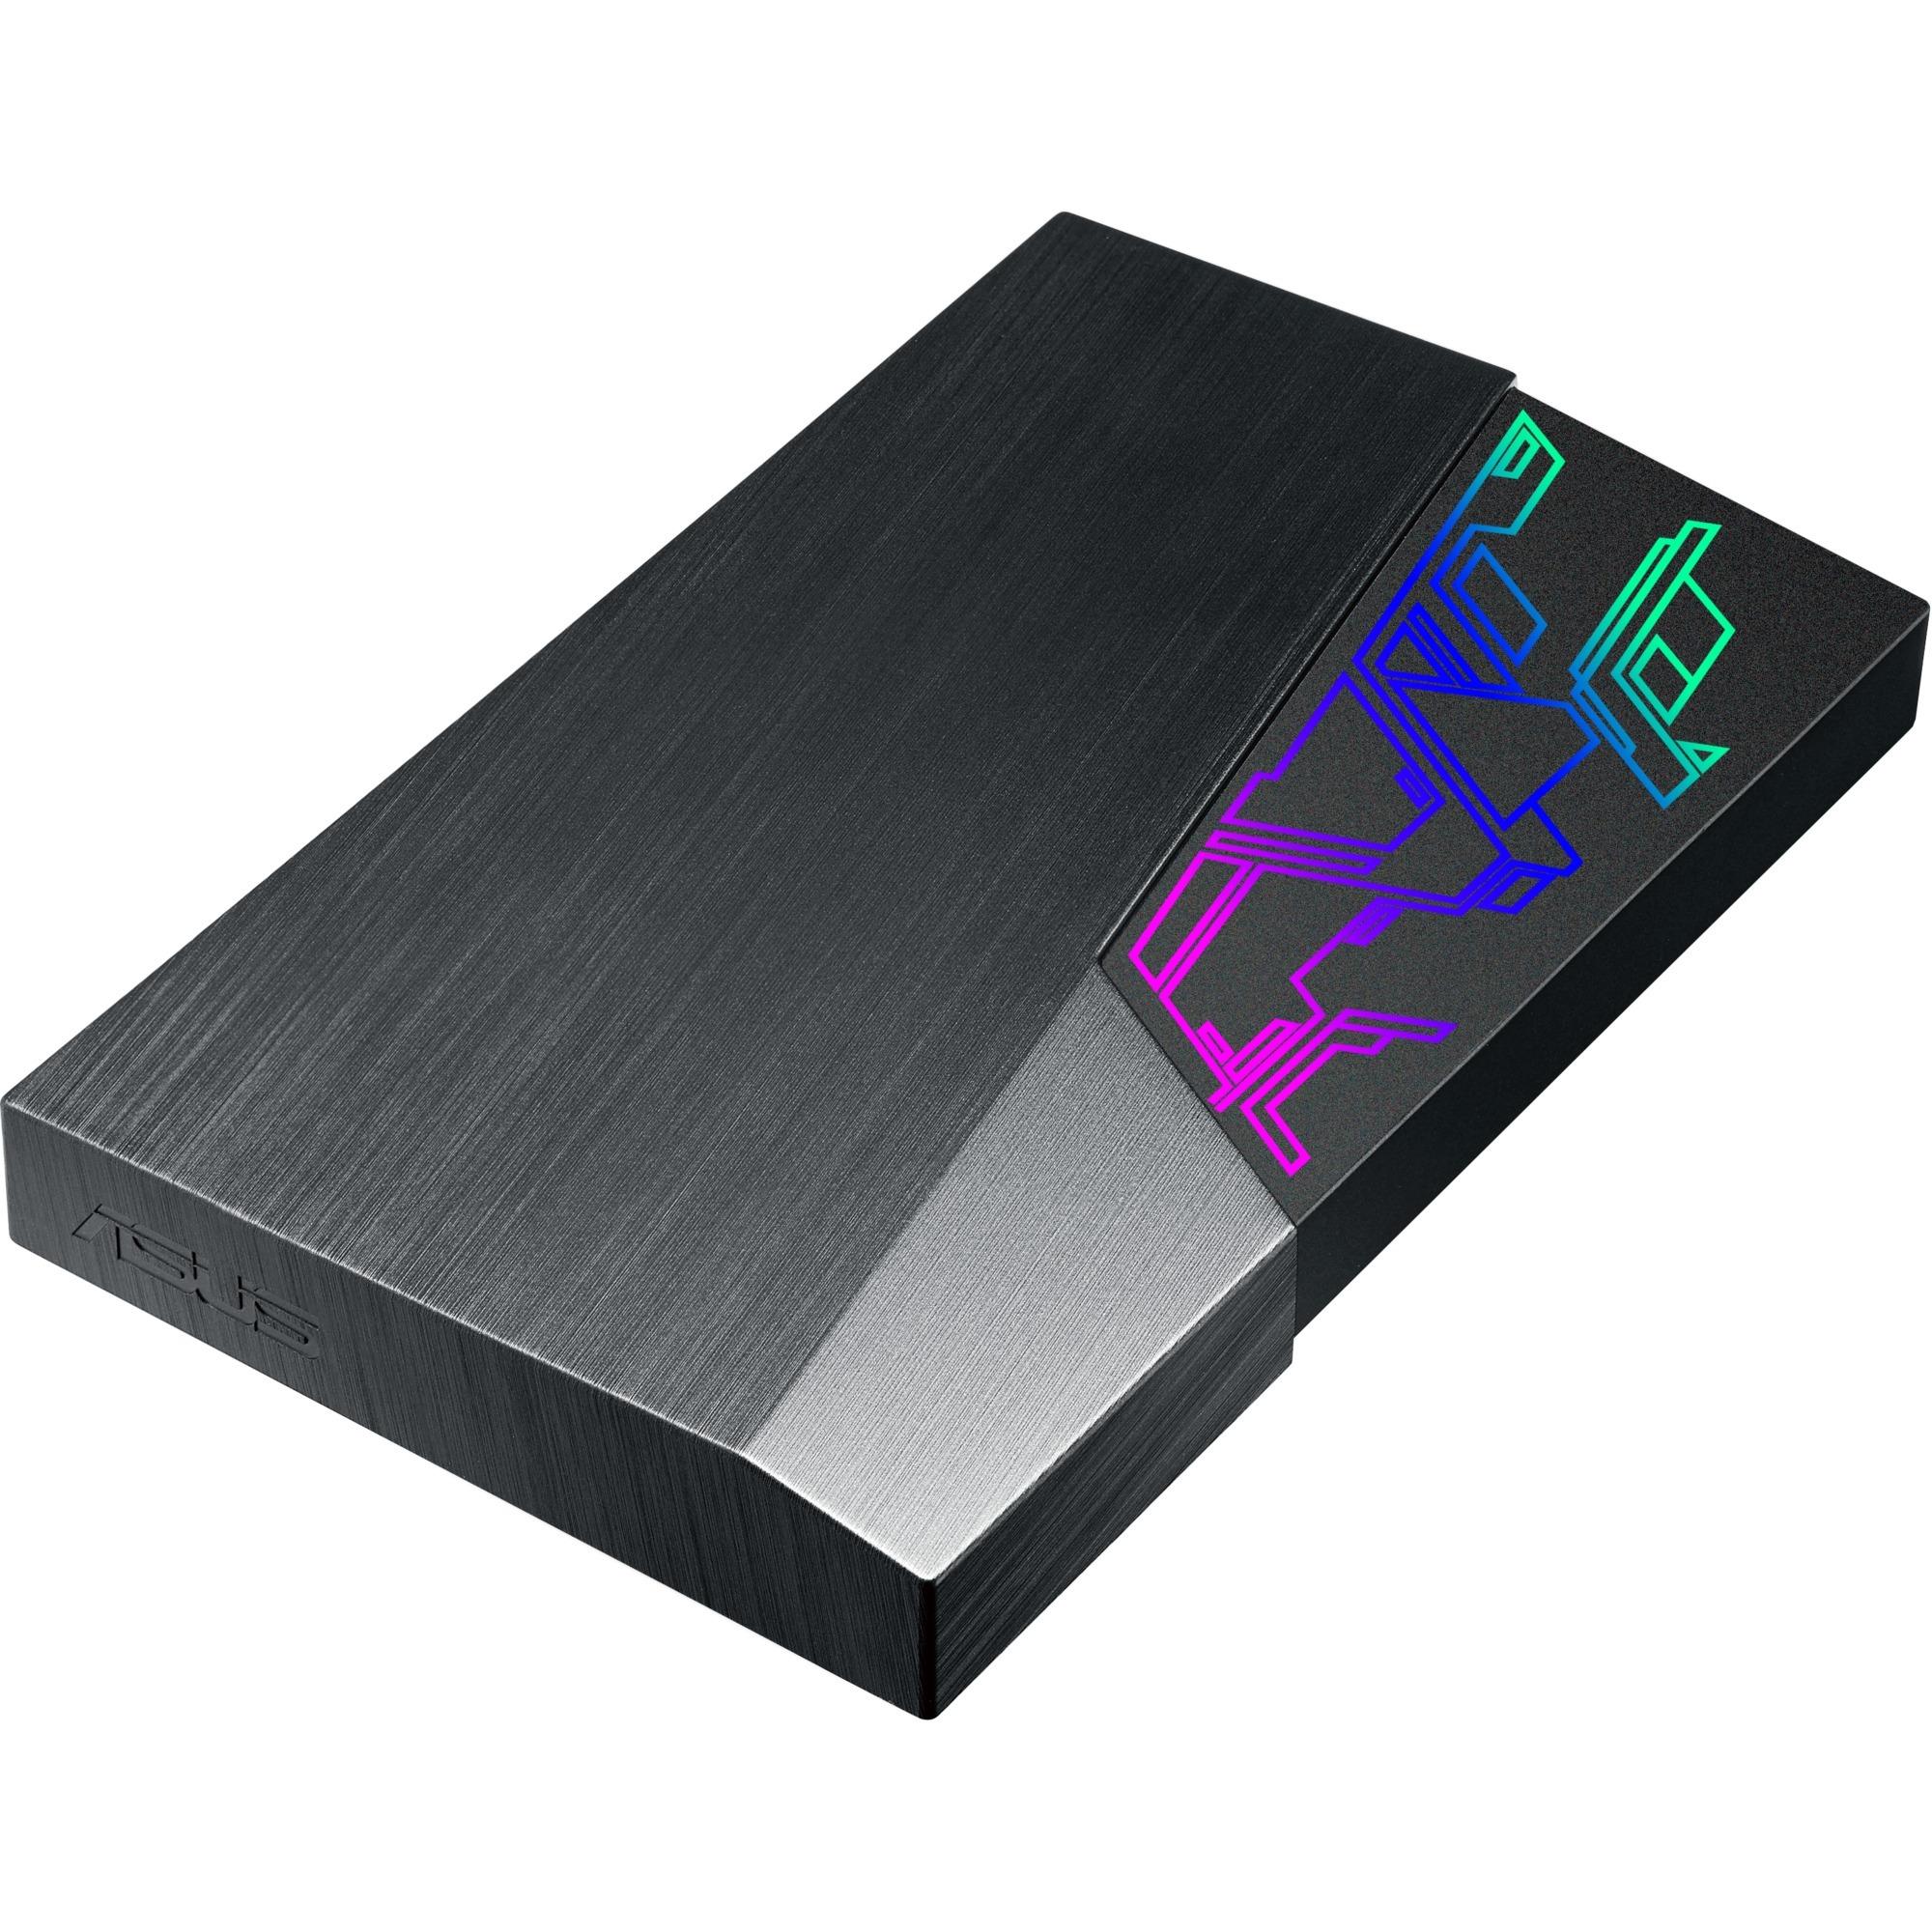 90DD02F0-B89000, Unidad de disco duro